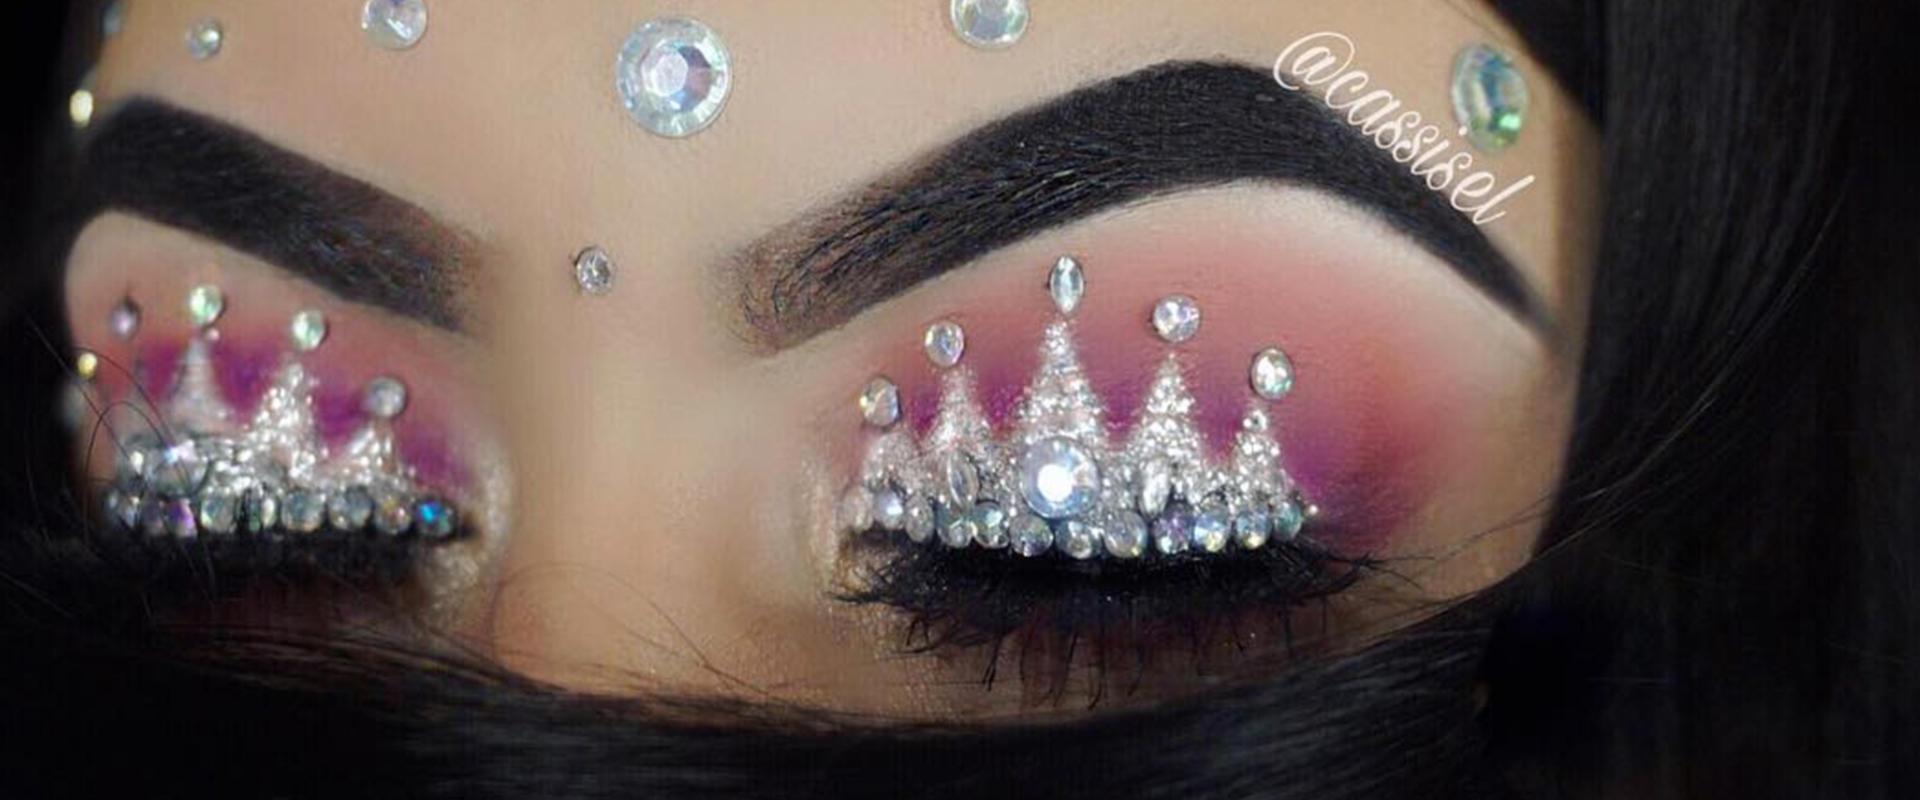 hero-crown-eye-makeup_0.jpg